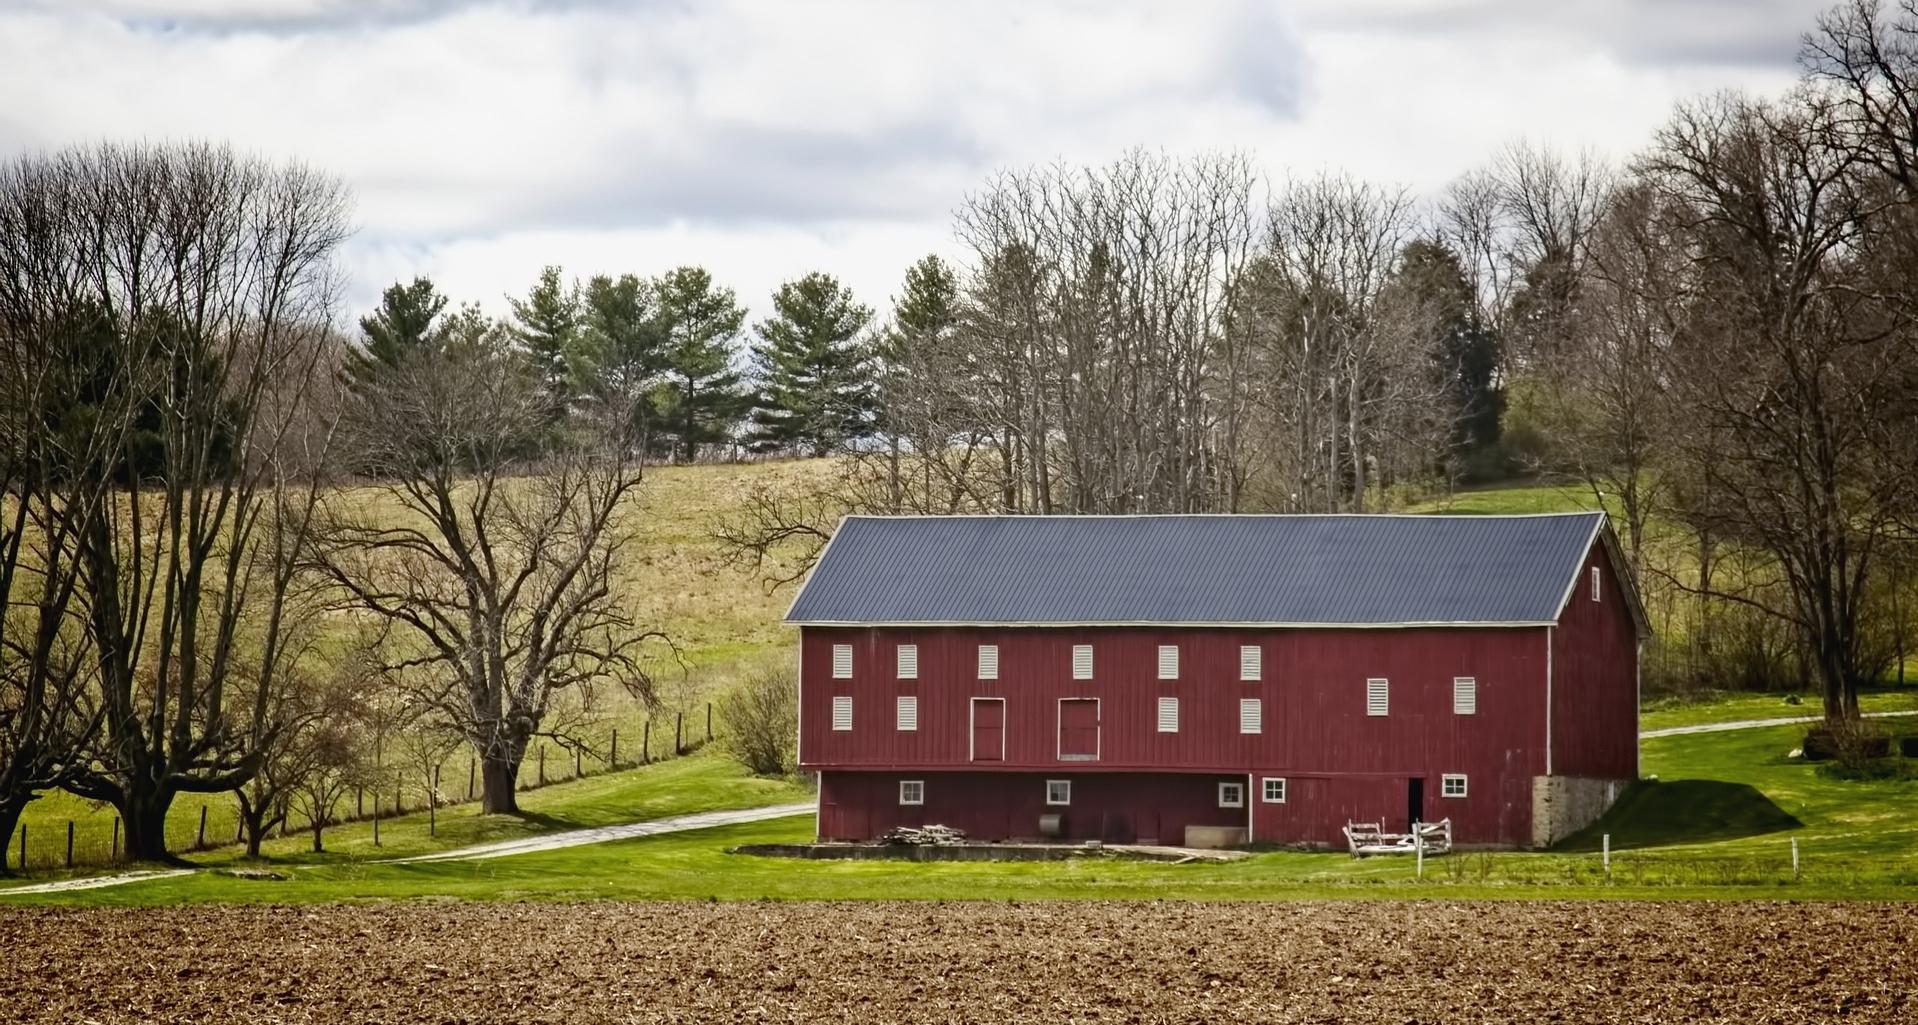 Sistemas solares em fazendas americanas